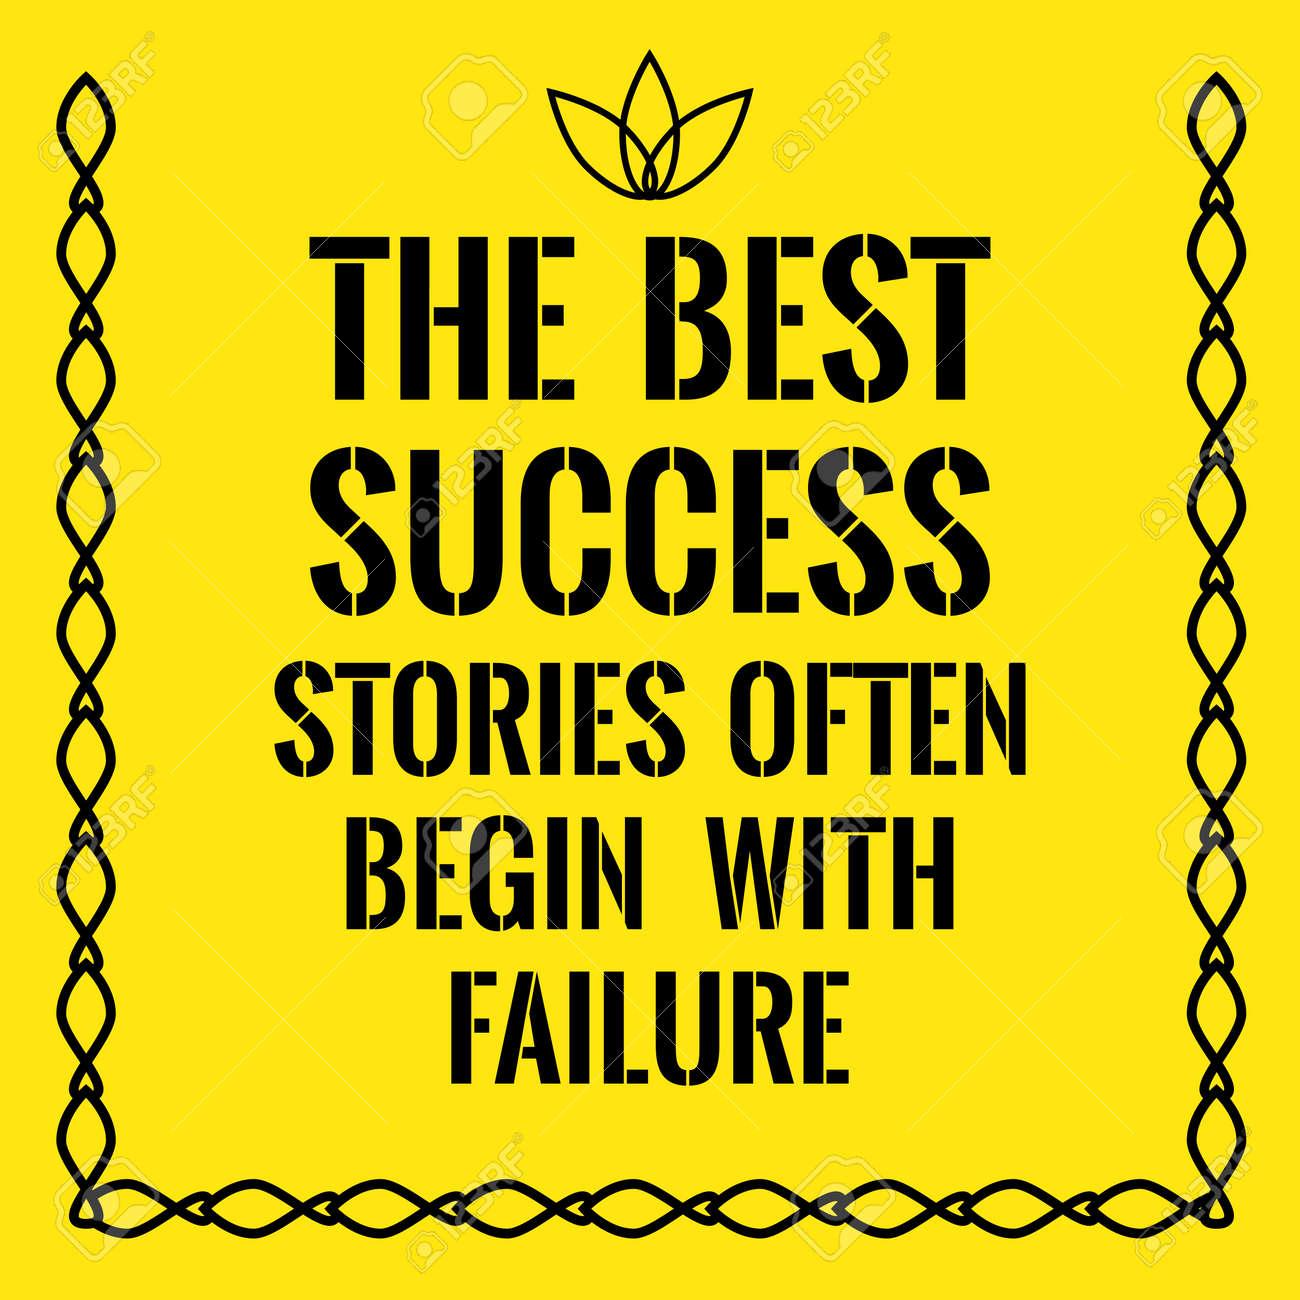 Cita Motivacional Las Mejores Historias De éxito A Menudo Comienzan Con El Fracaso Sobre Fondo Amarillo